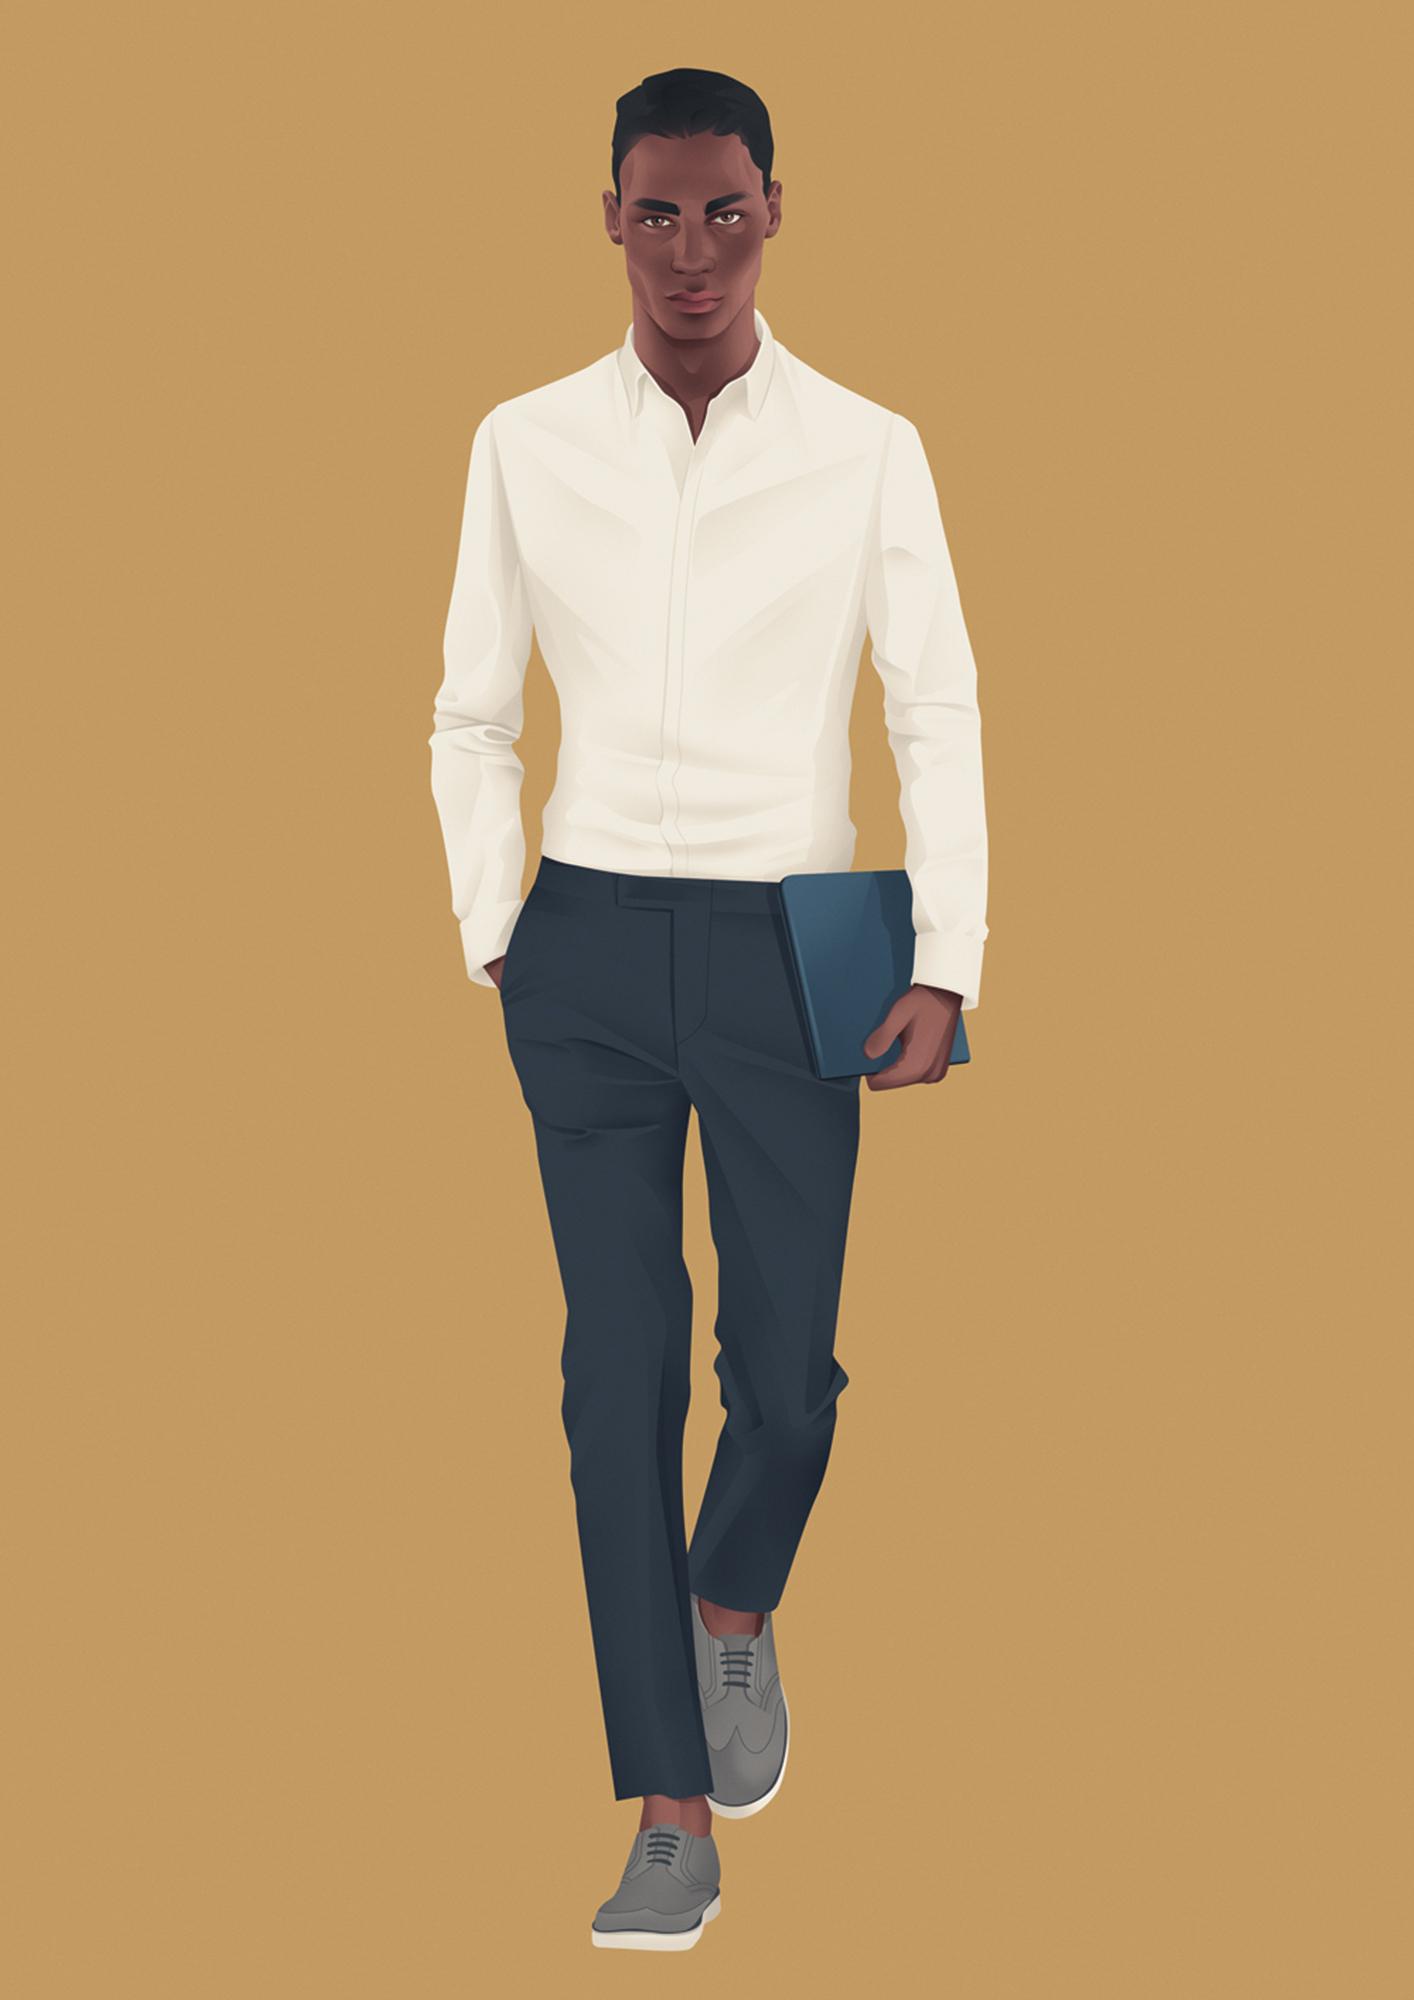 TheCampaigner_4- hogan-casual-business-uomo-stile-friday-casual-come-vestirsi-non-si-dice-piacere-bon-ton-buone-maniree